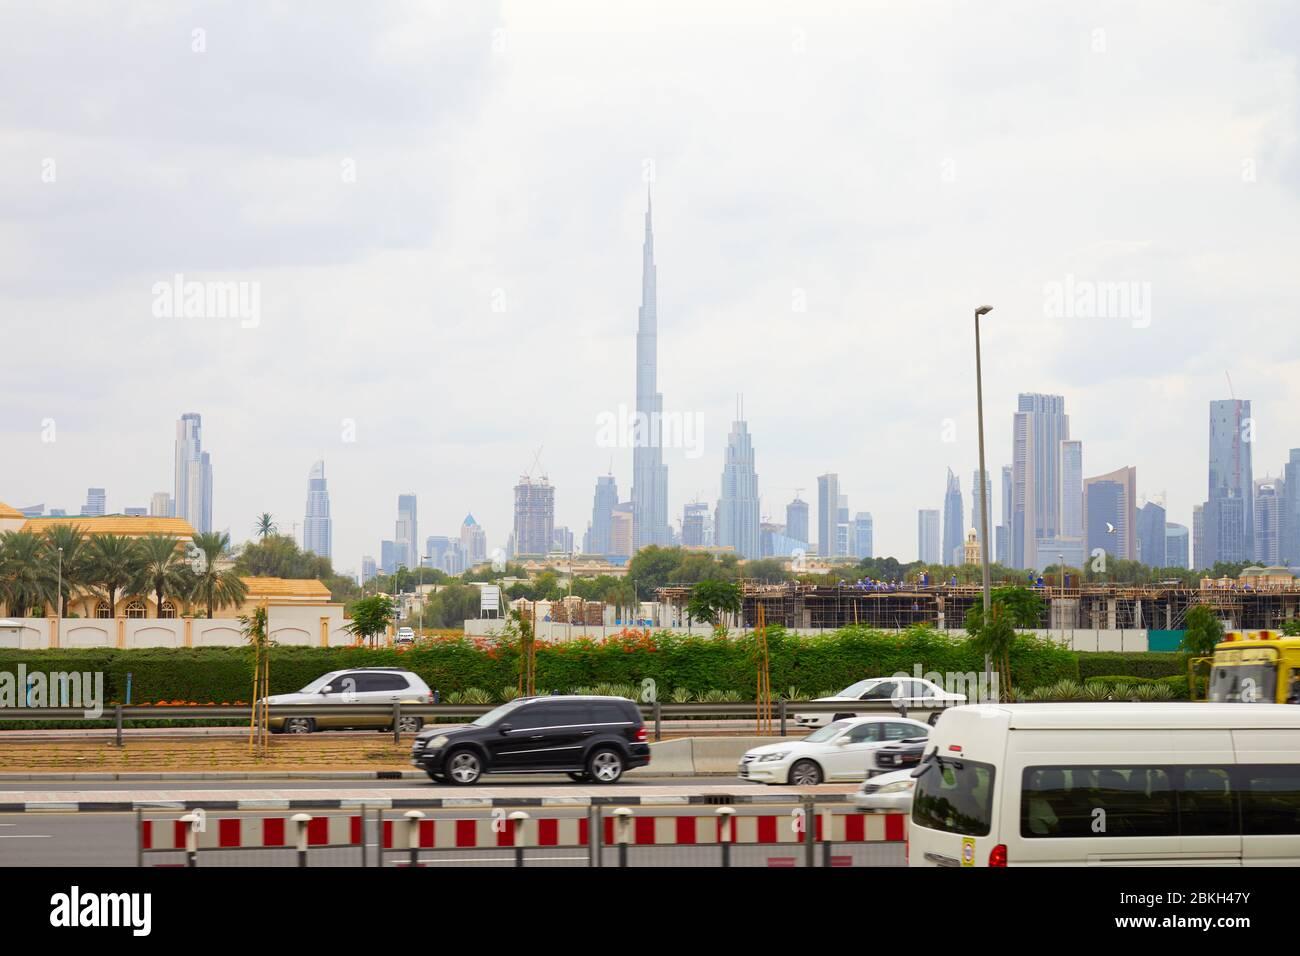 DUBAÏ, EMIRATS ARABES UNIS - 21 NOVEMBRE 2019 : gratte-ciel Burj Khalifa et vue sur la ville avec passage de voitures Banque D'Images